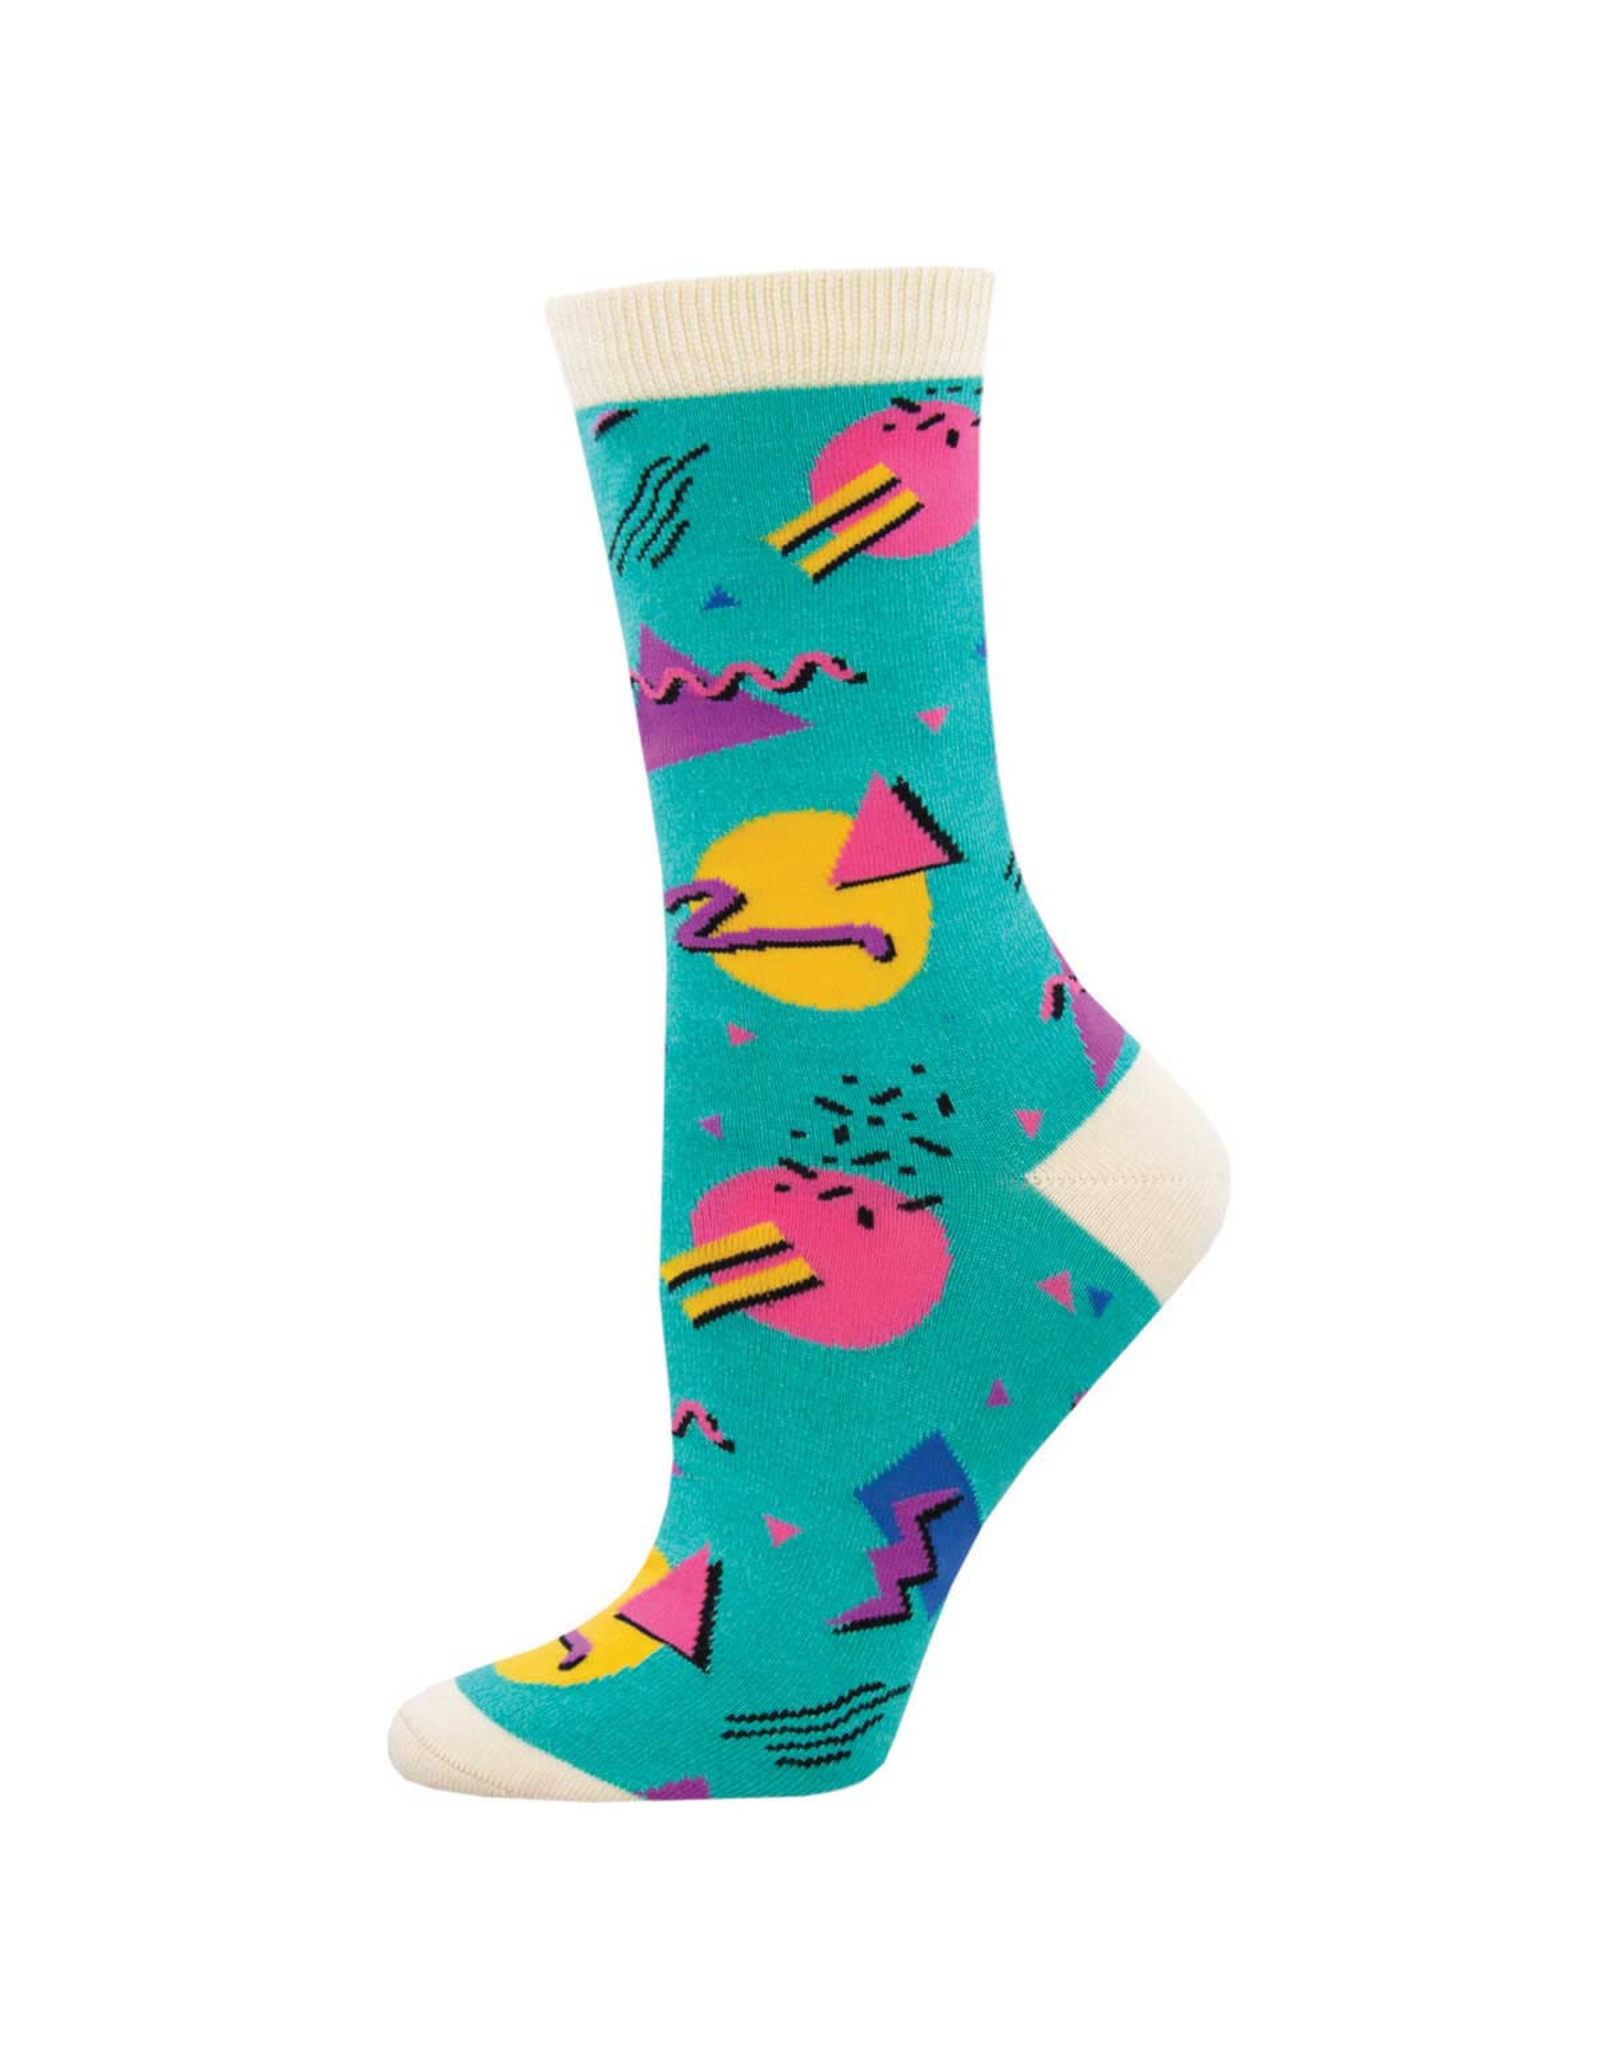 Socksmith Design 90's Vibes Teal Women's Bamboo Crew Socks